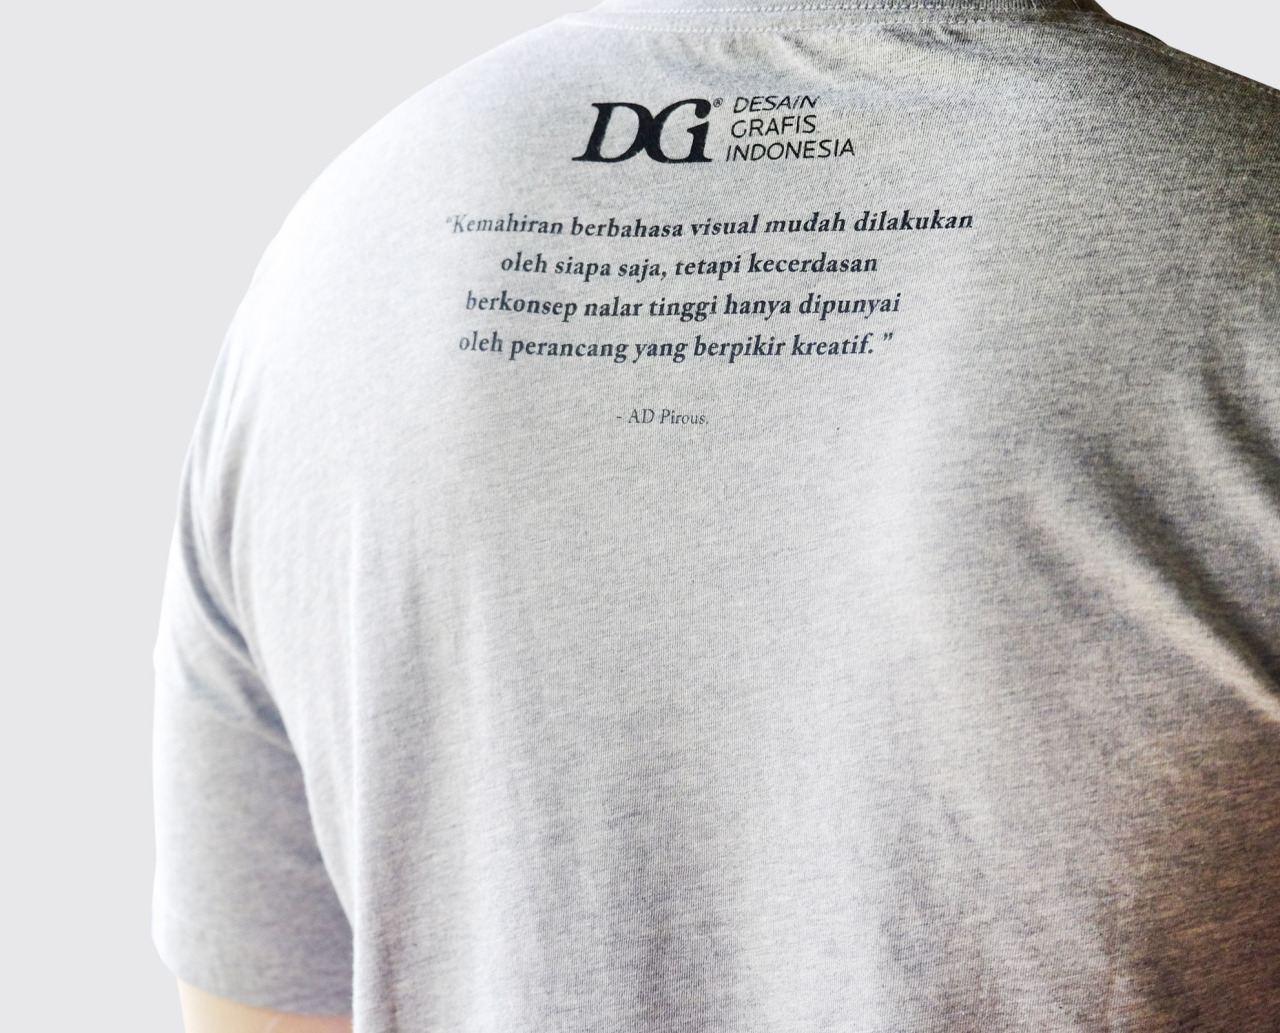 """T-Shirt yang menyuarakan gagasan dalam kampanye """"Yaelah, Gampang!"""""""